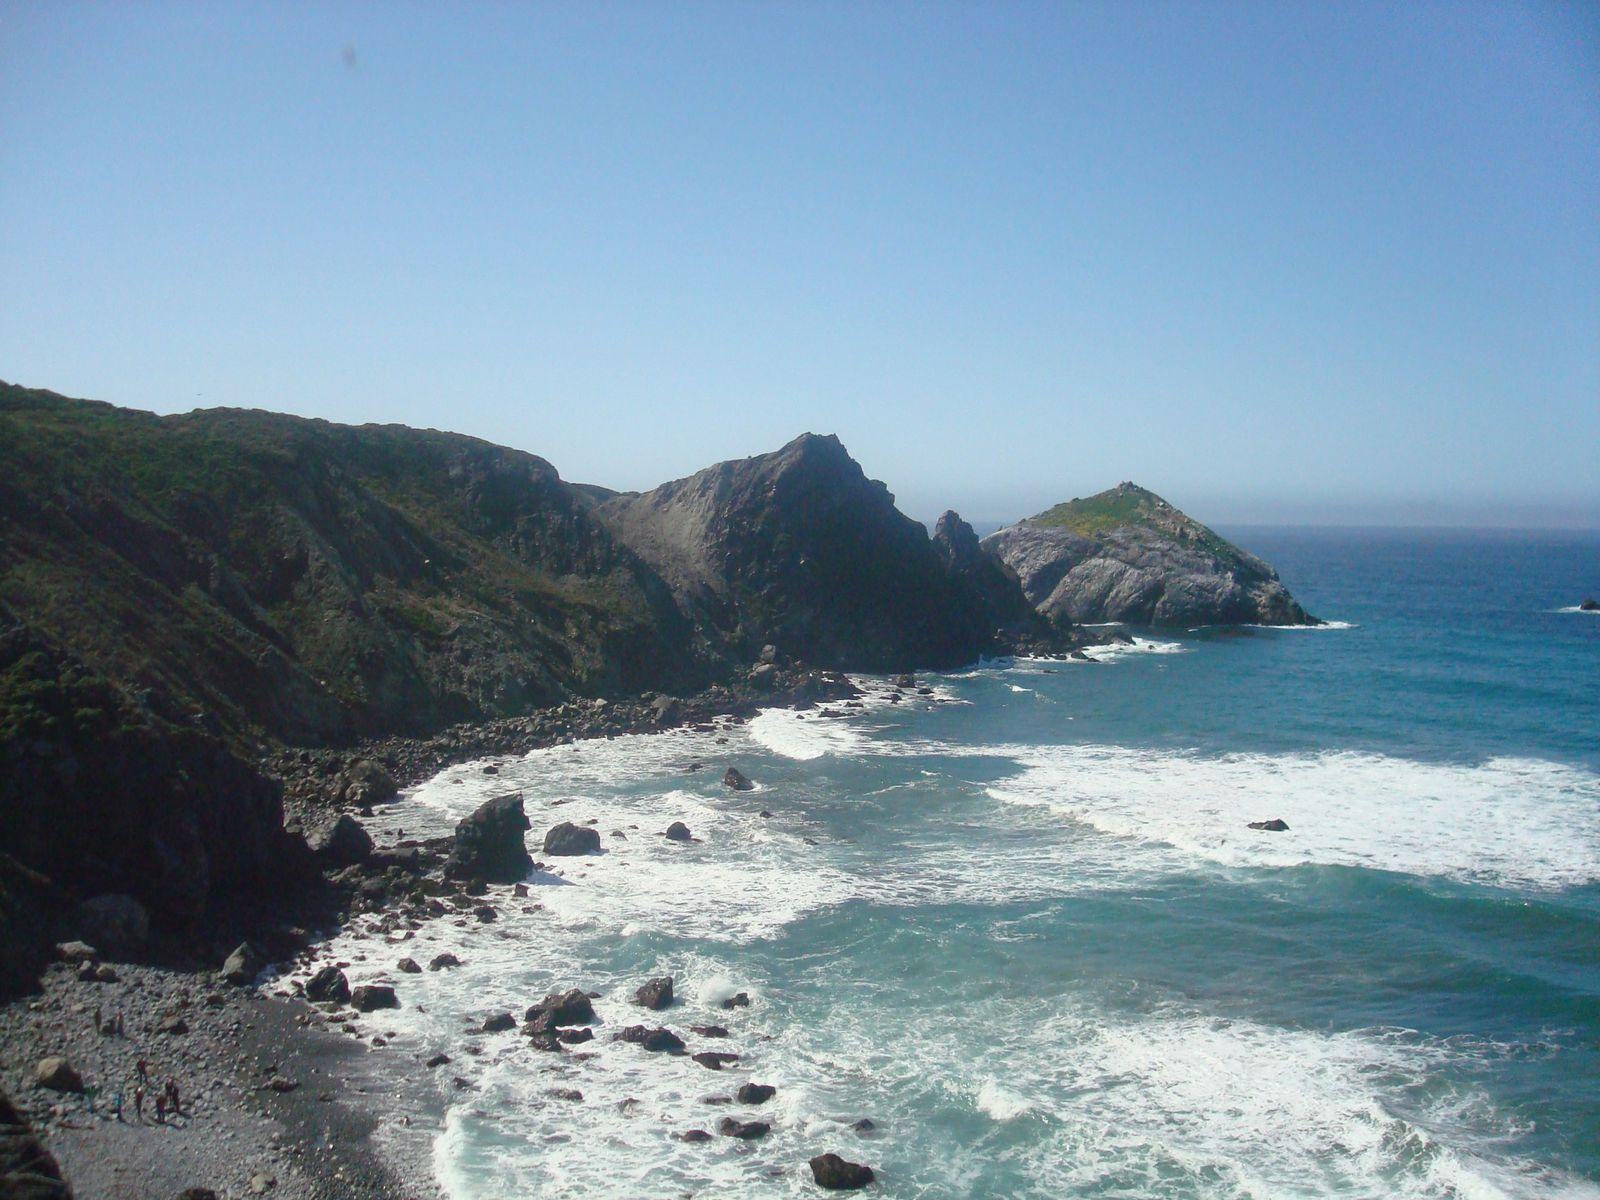 Une belle image de la côte avant la petite vidéo sur fb :)